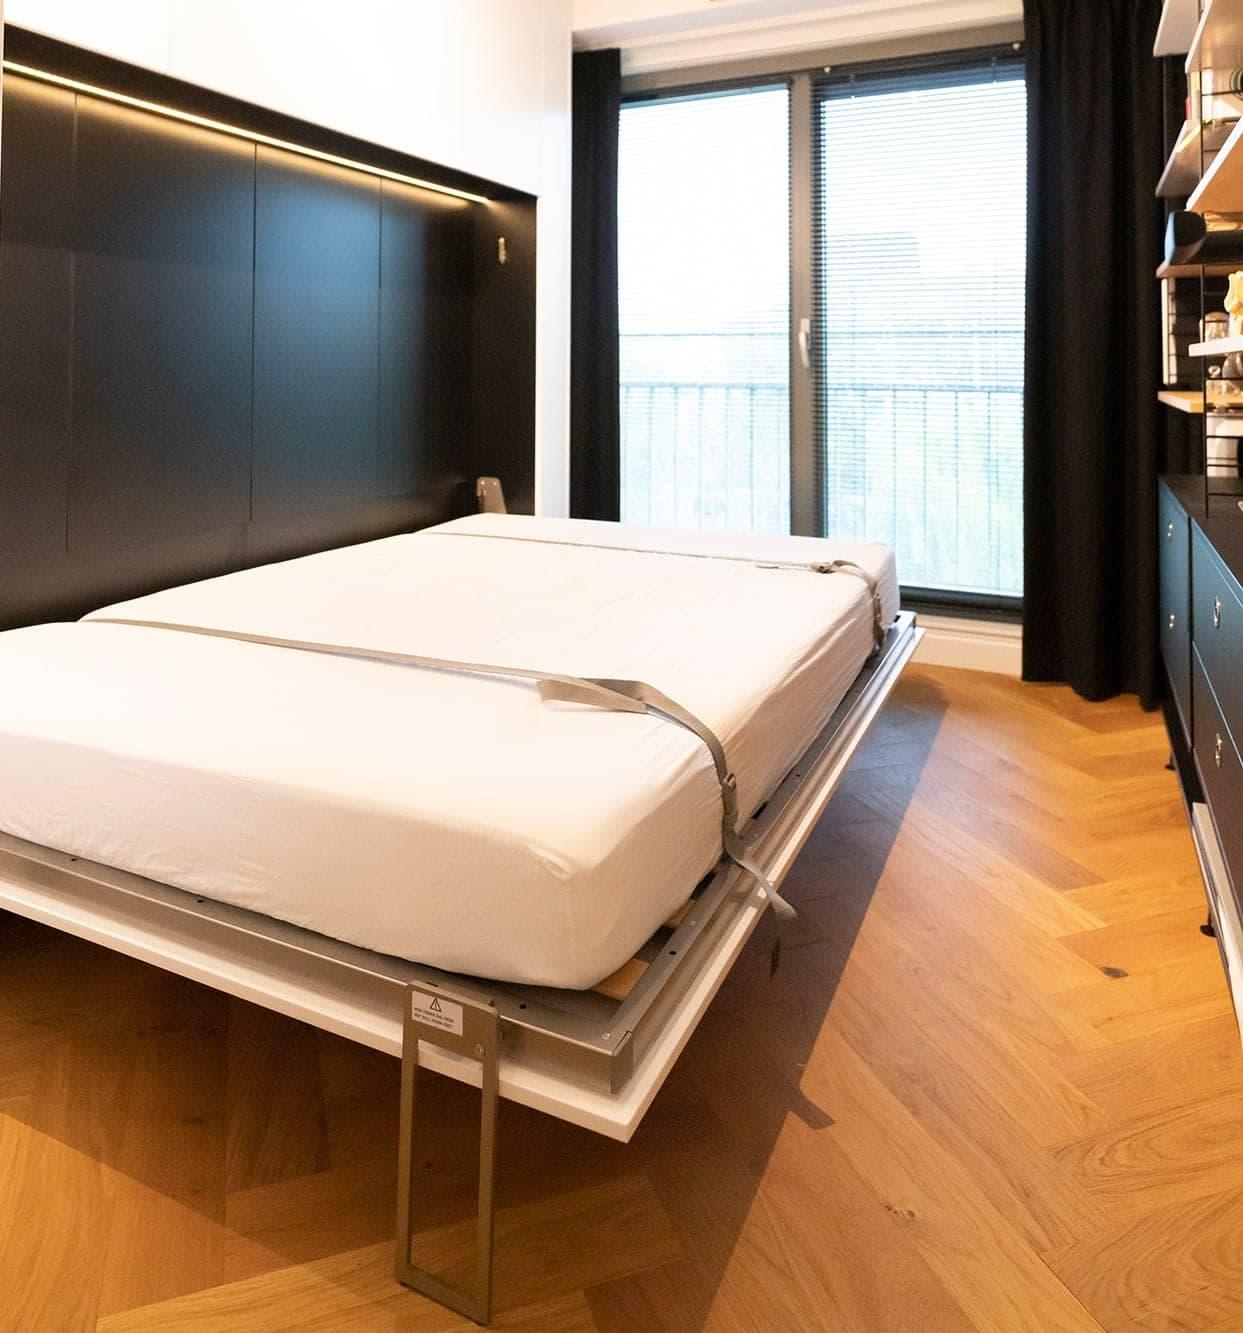 Interieurbouwer Gorinchem Hebben Een Inklapbaar Bed Gemaakt Voor Een Logeerkamer